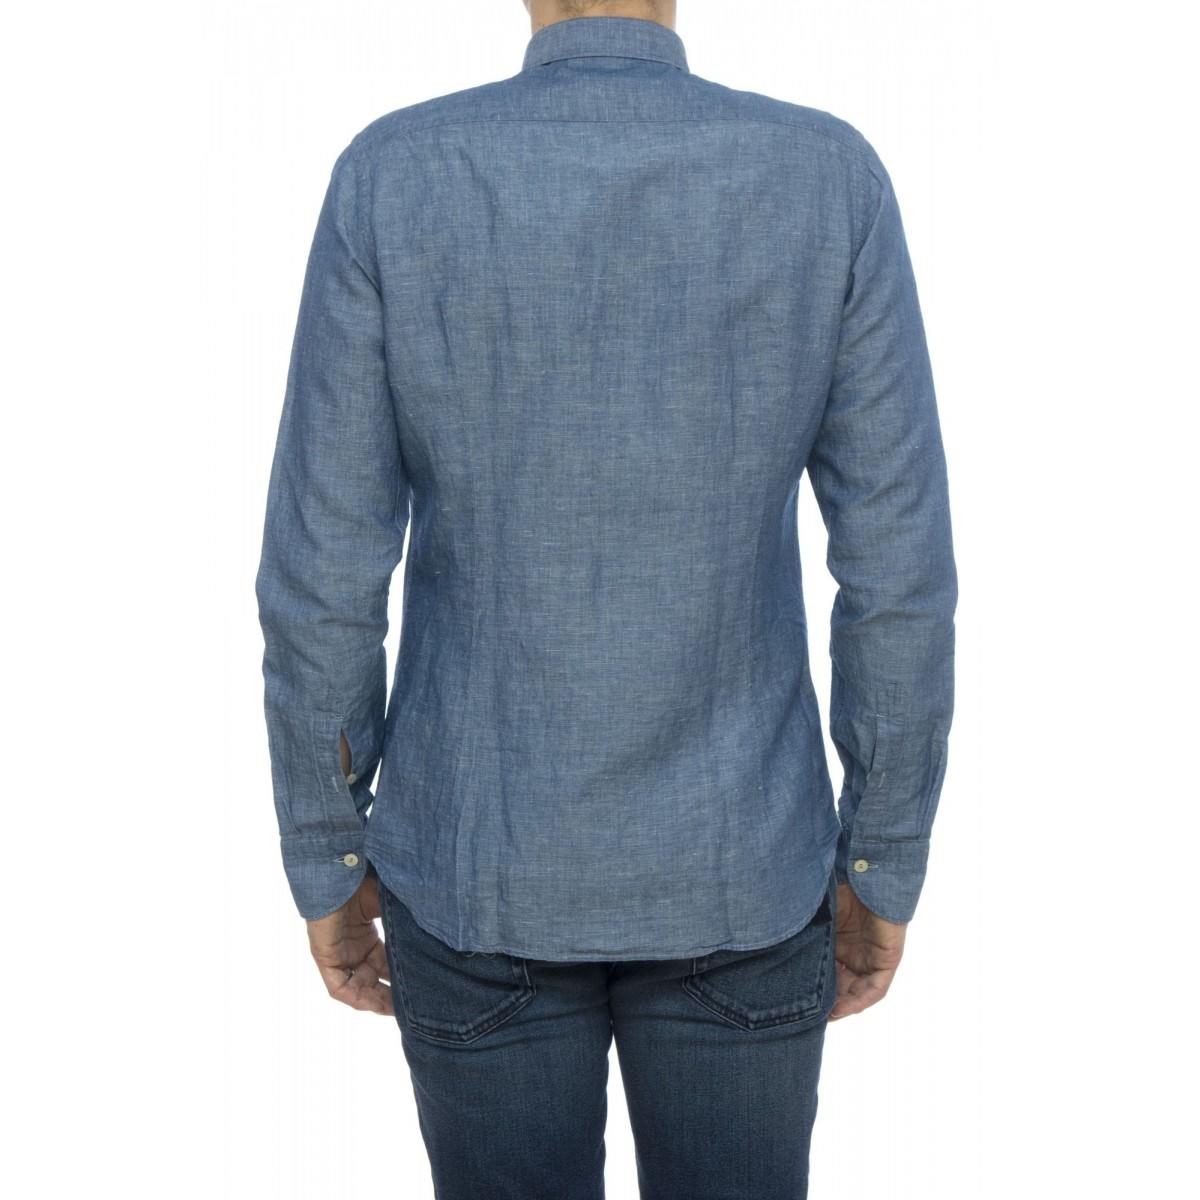 Camicia - T9h nyb chambreit cotone lino